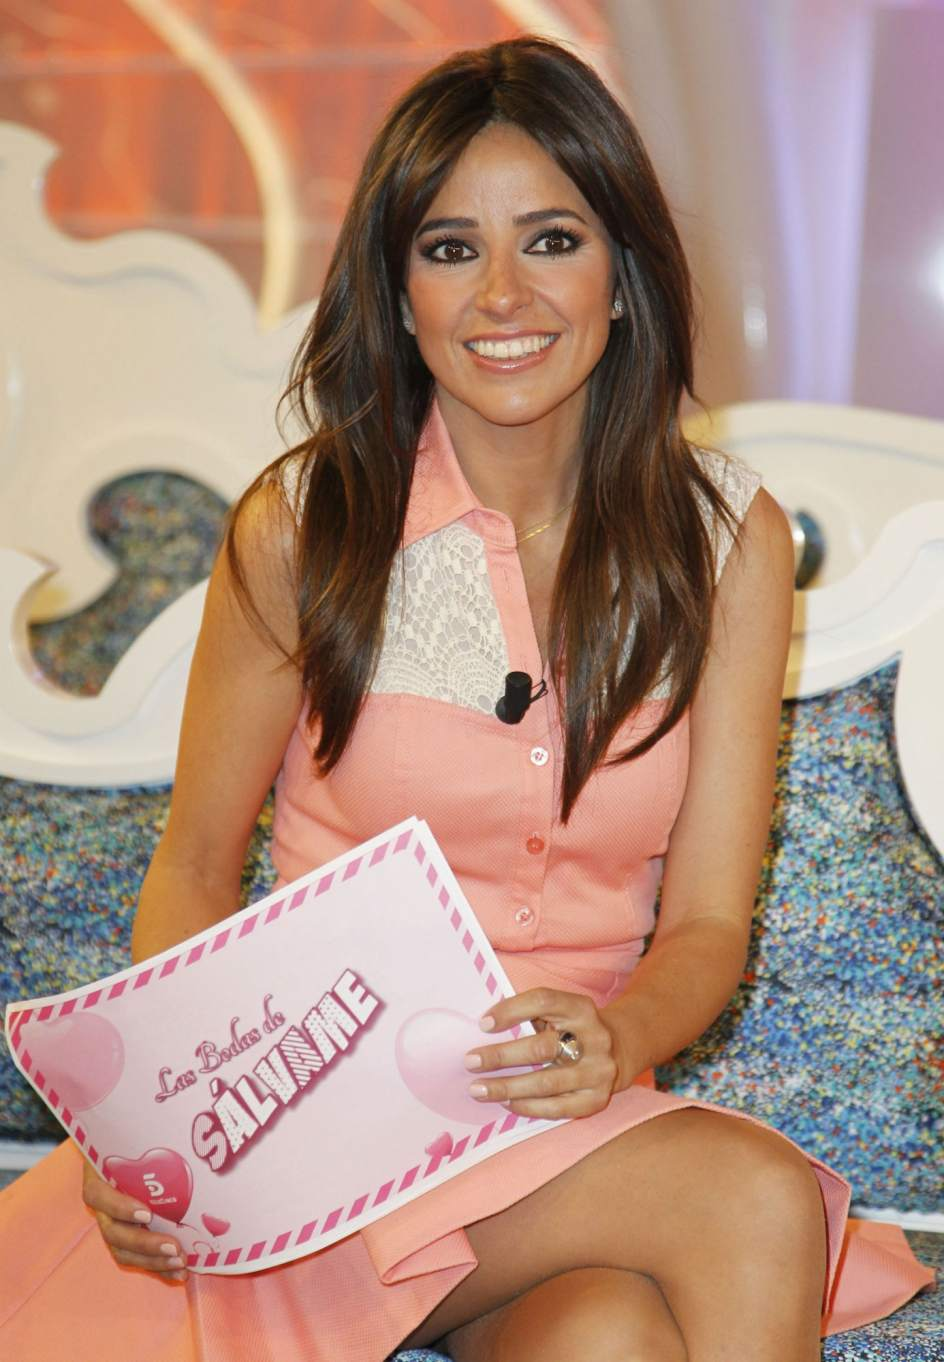 carmen aecayde  La presentadora Carmen Alcayde, durante la presentación de 'Las bodas de Sálvame', en abril de 2013. (GTRES)